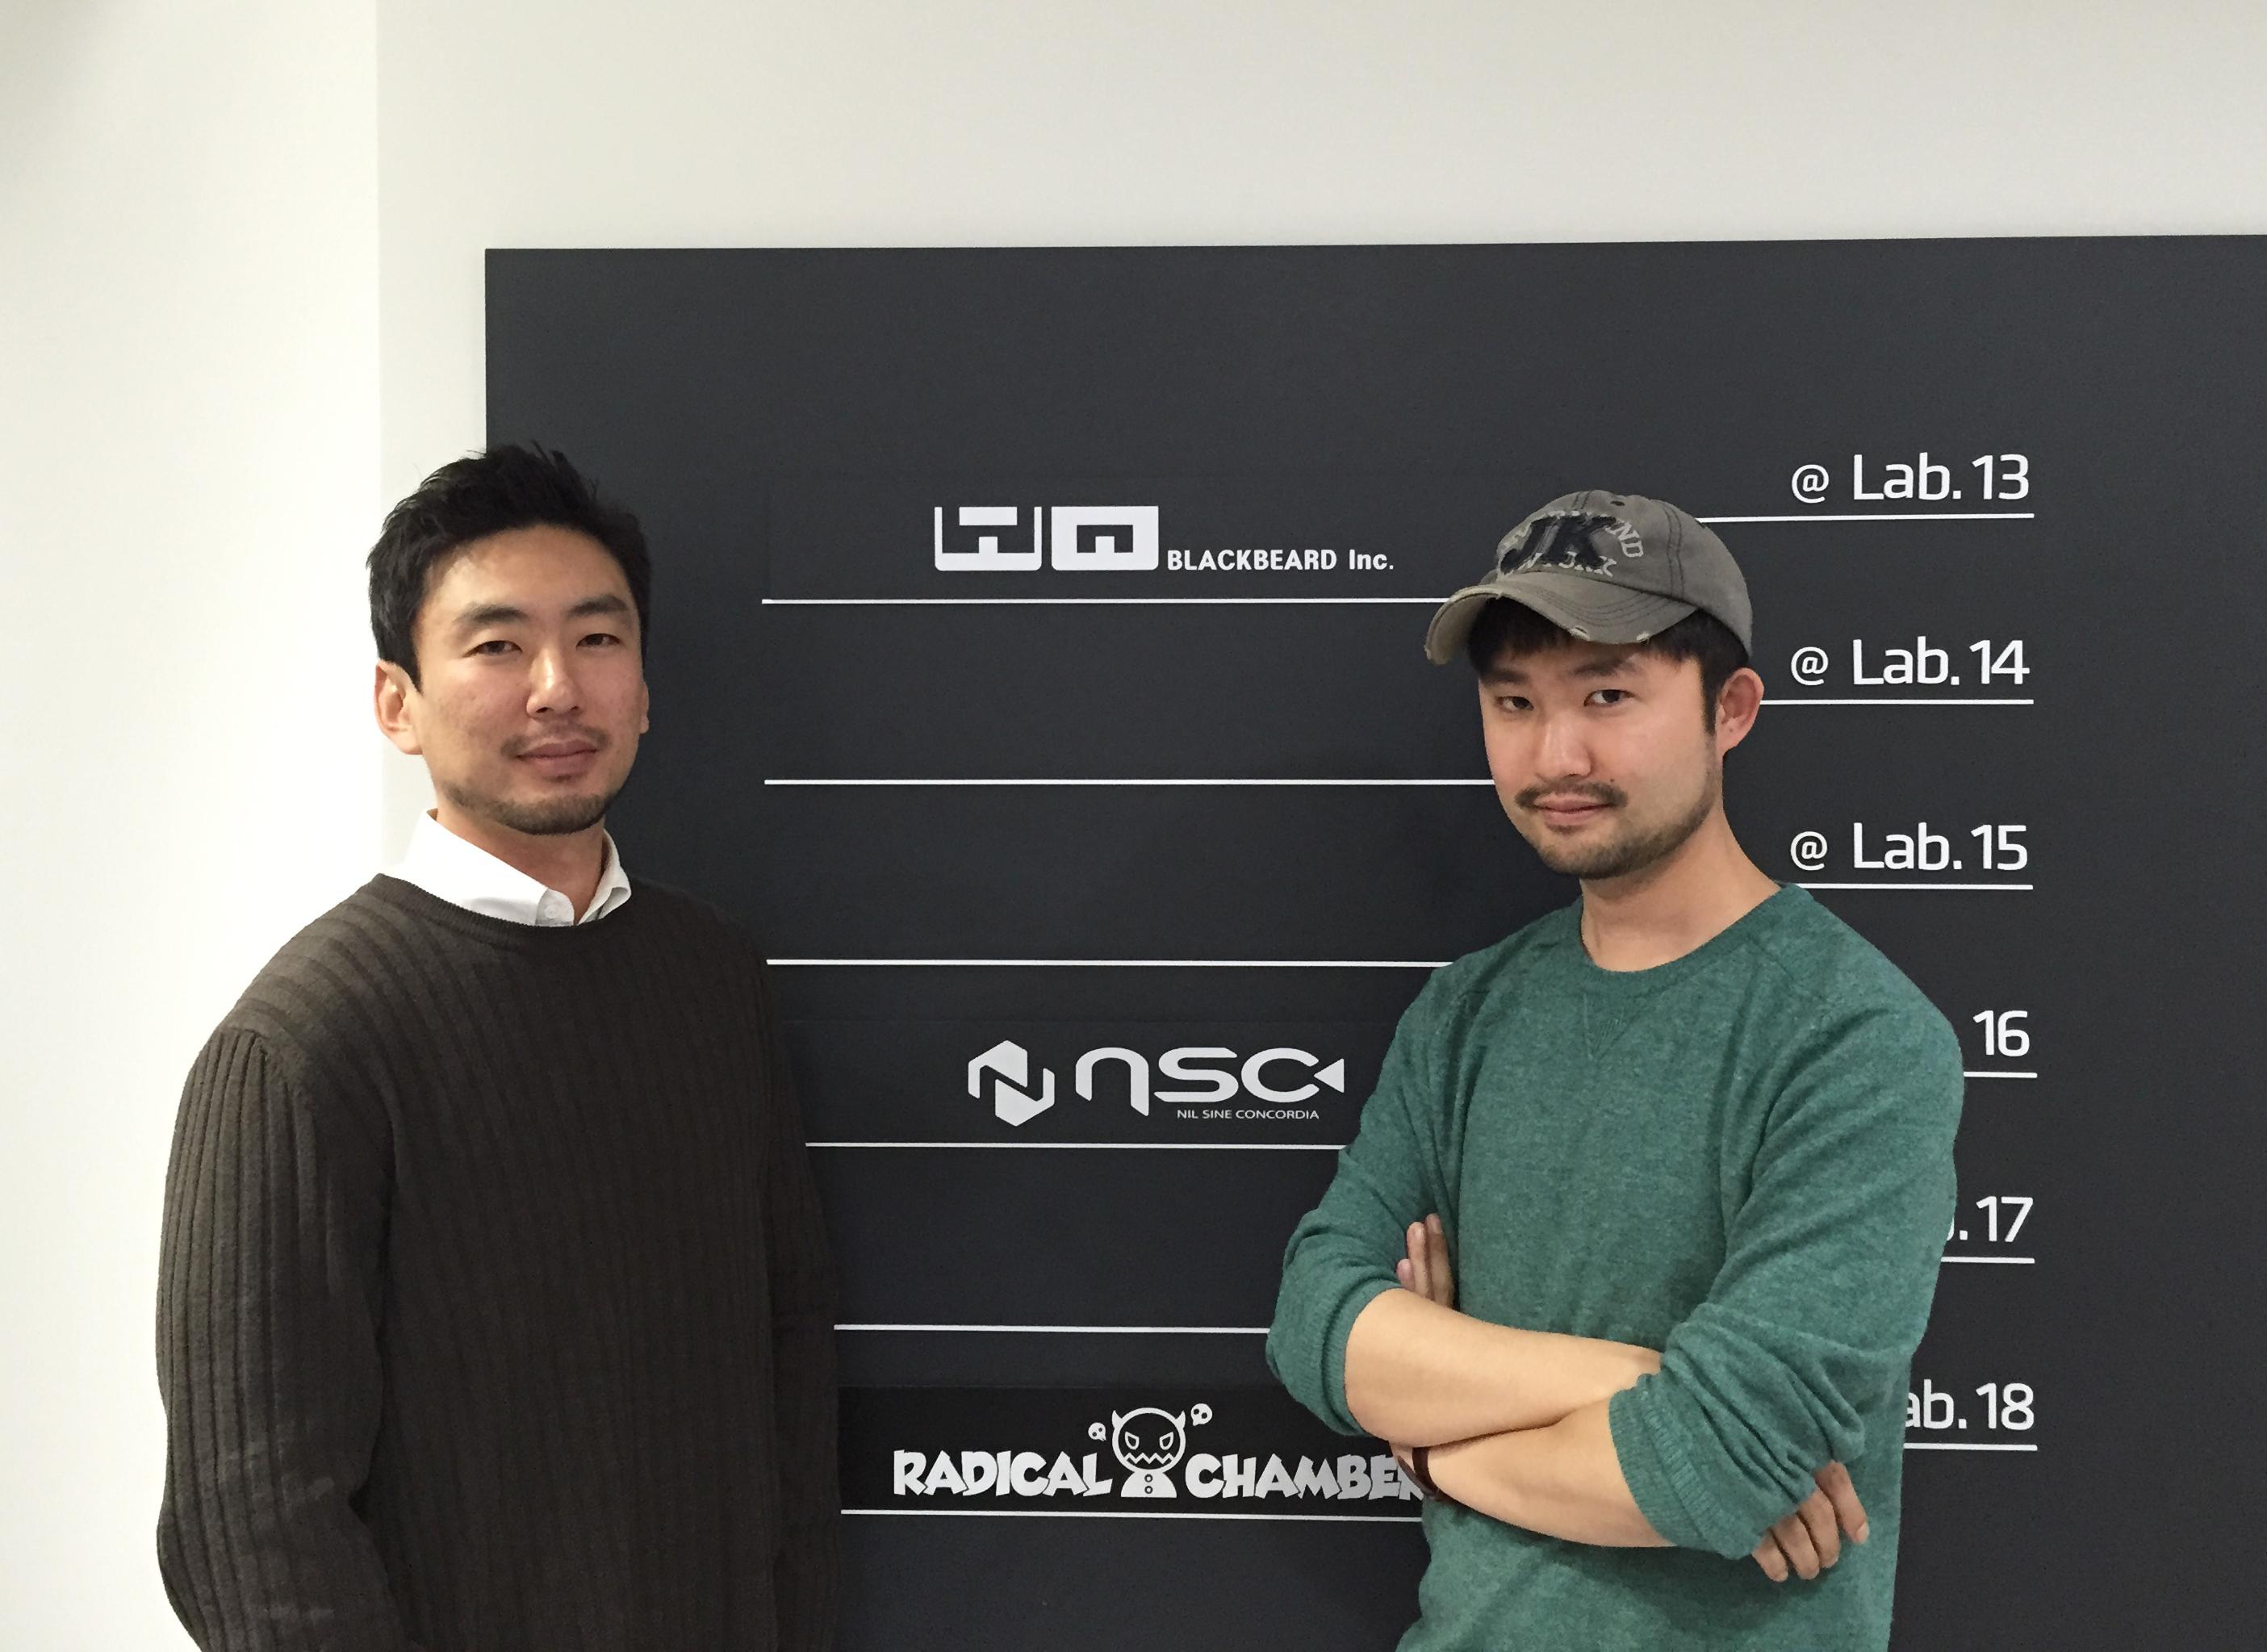 케빈백 이사(좌)와 강건우 대표(우)